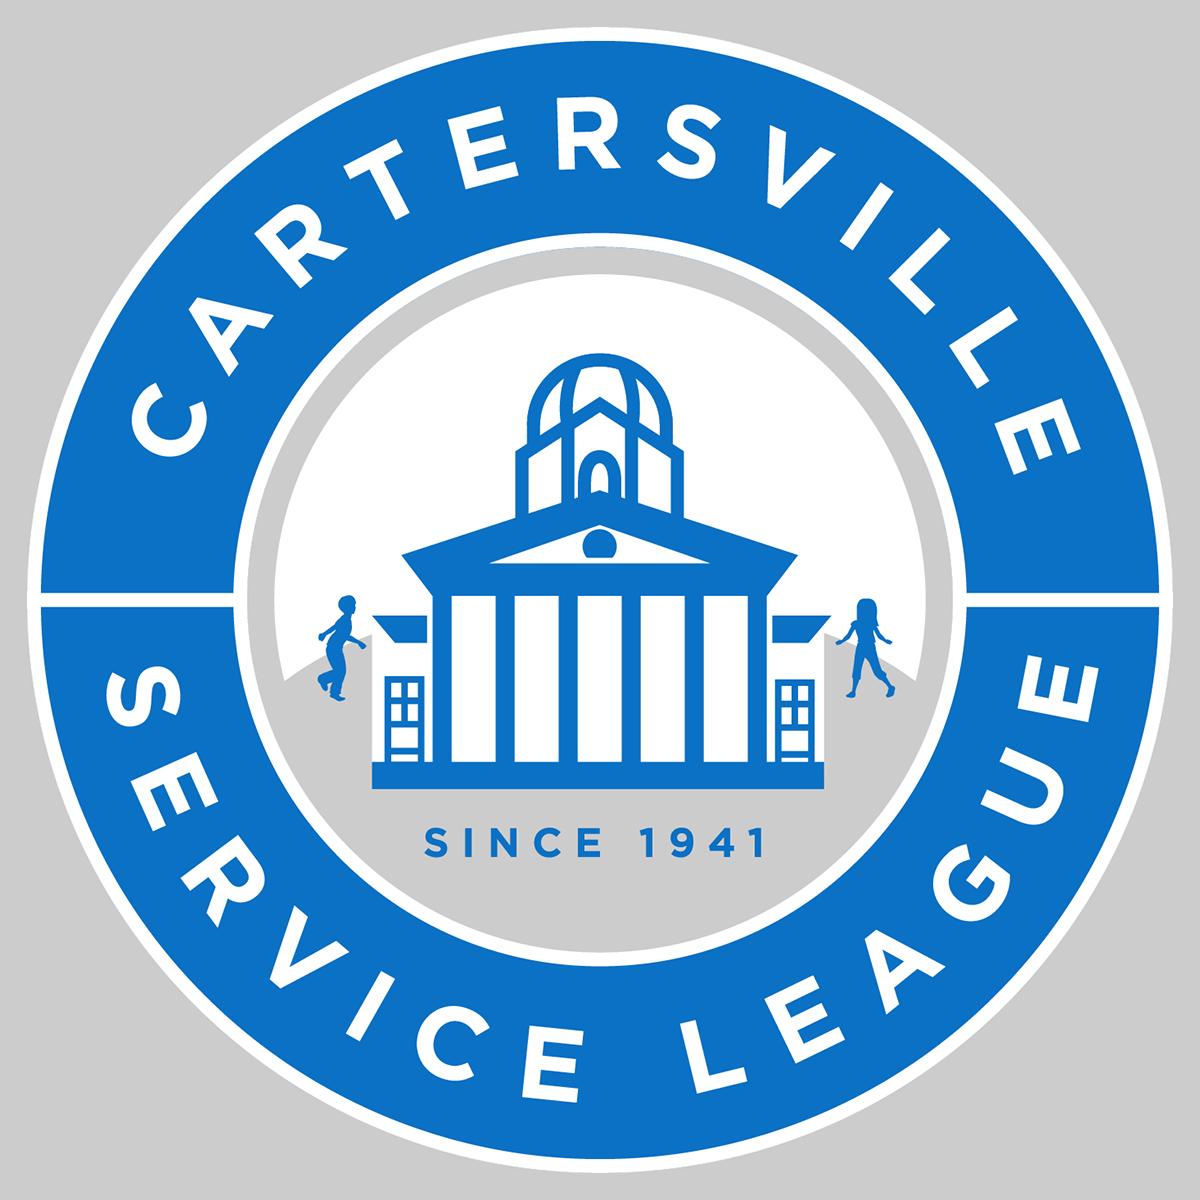 Cartersville Service League